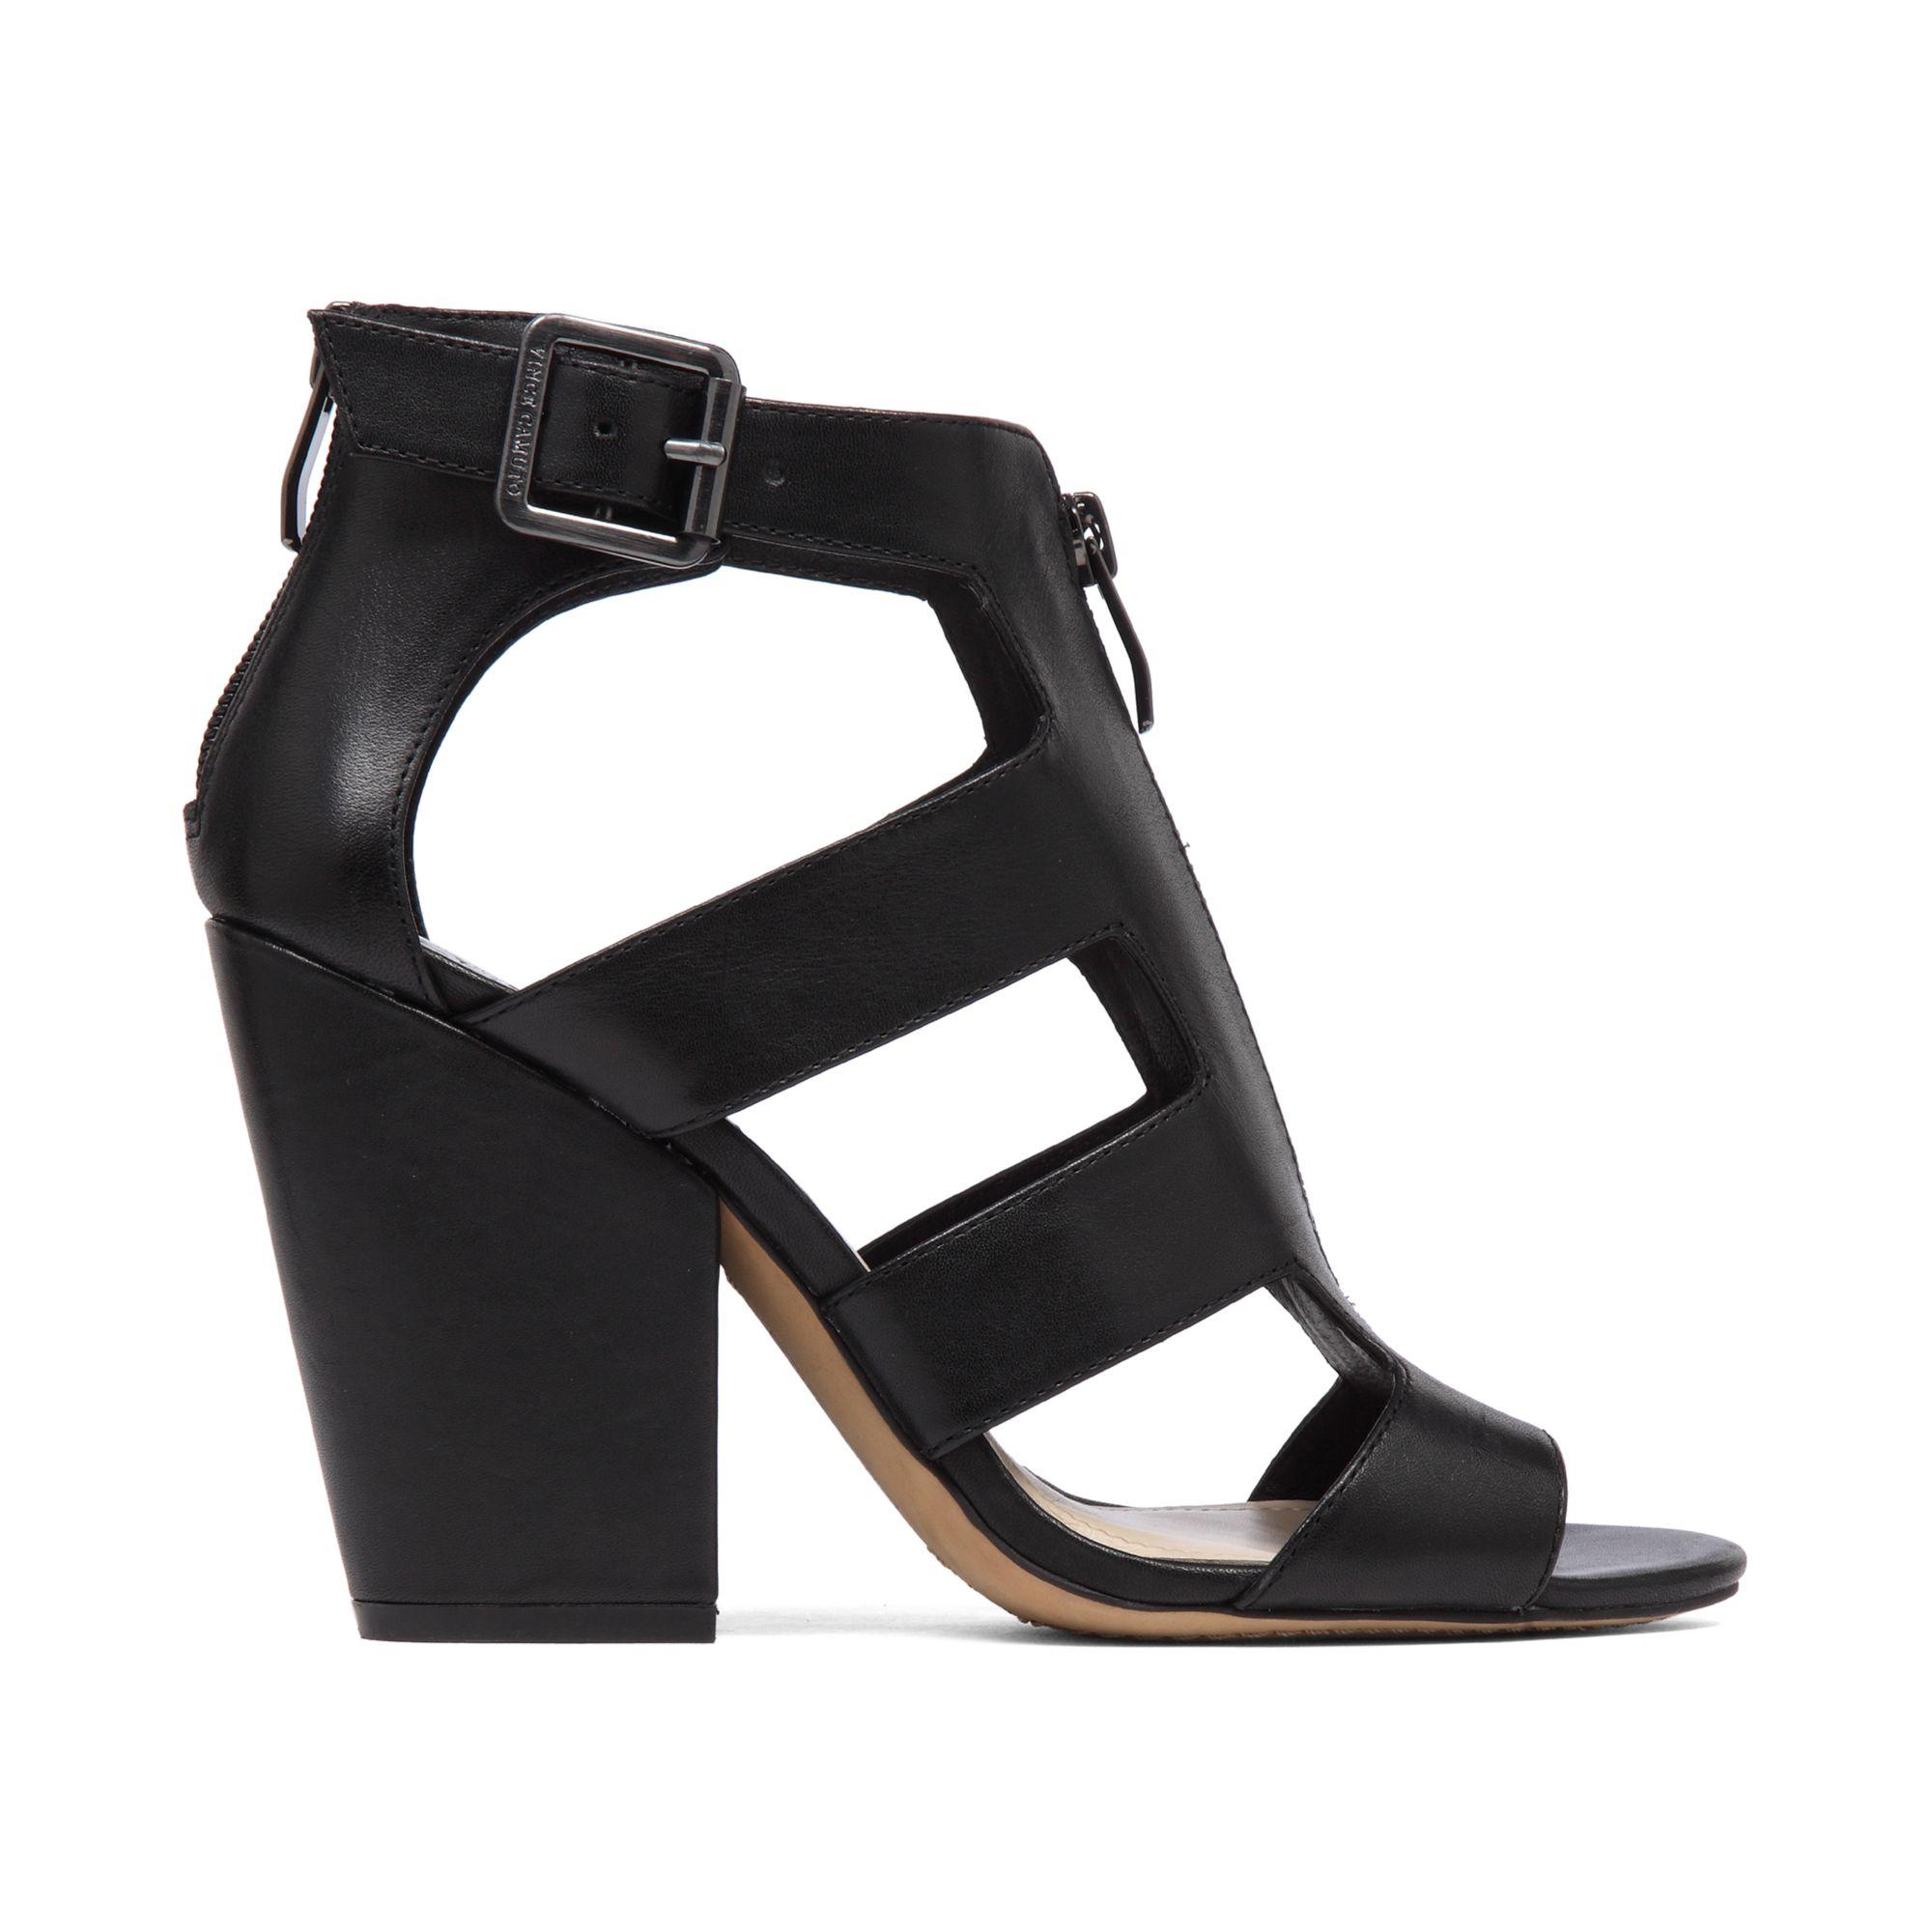 Vince Camuto Marleau Block Heel Sandals In Black Lyst